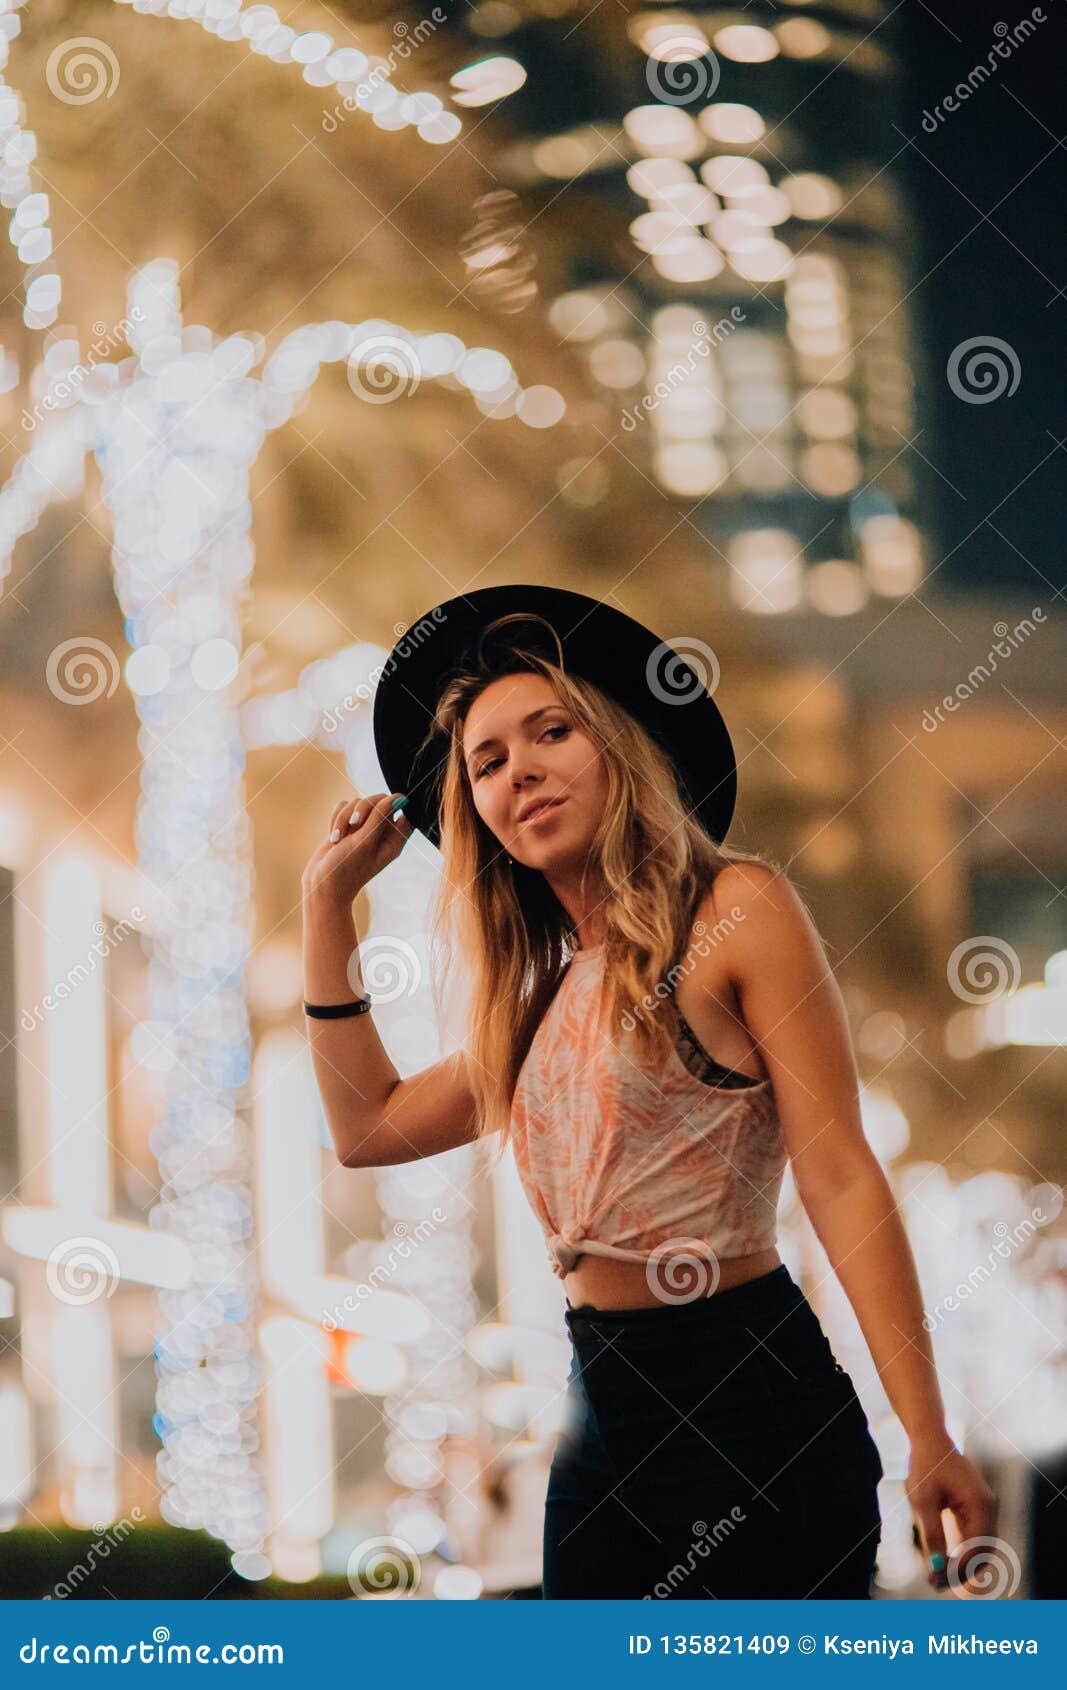 Donne belle in vestiti alla moda del cappello, uomo brutale, attrezzatura alla moda, passeggiata giù la via luce e palme fresche